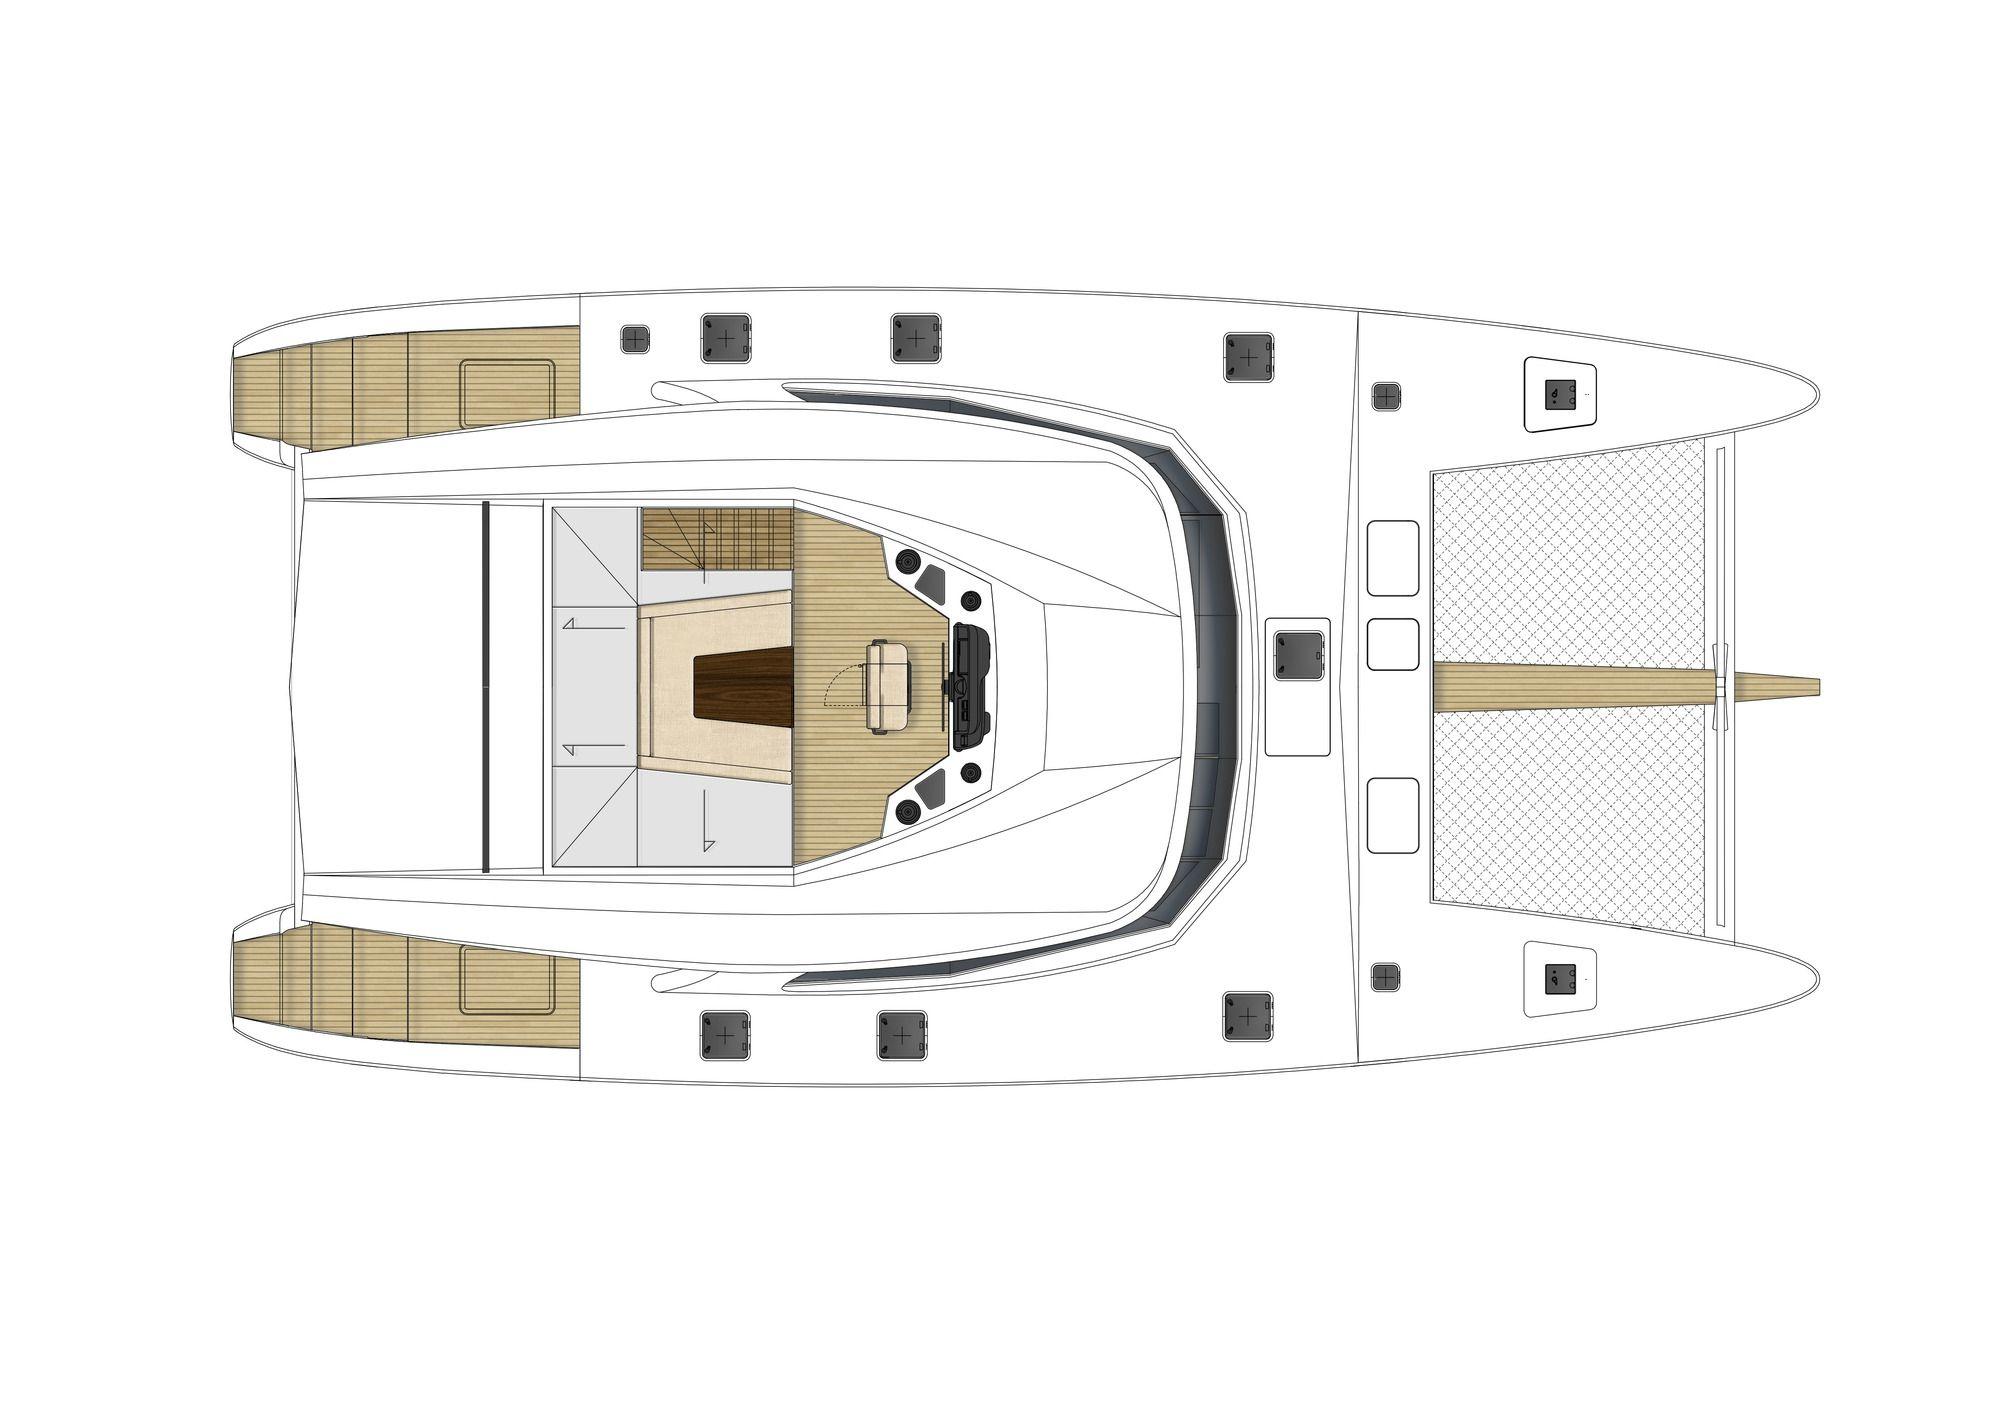 ADEA Sunreef 60 Luxury Catamaran  Middle Deck